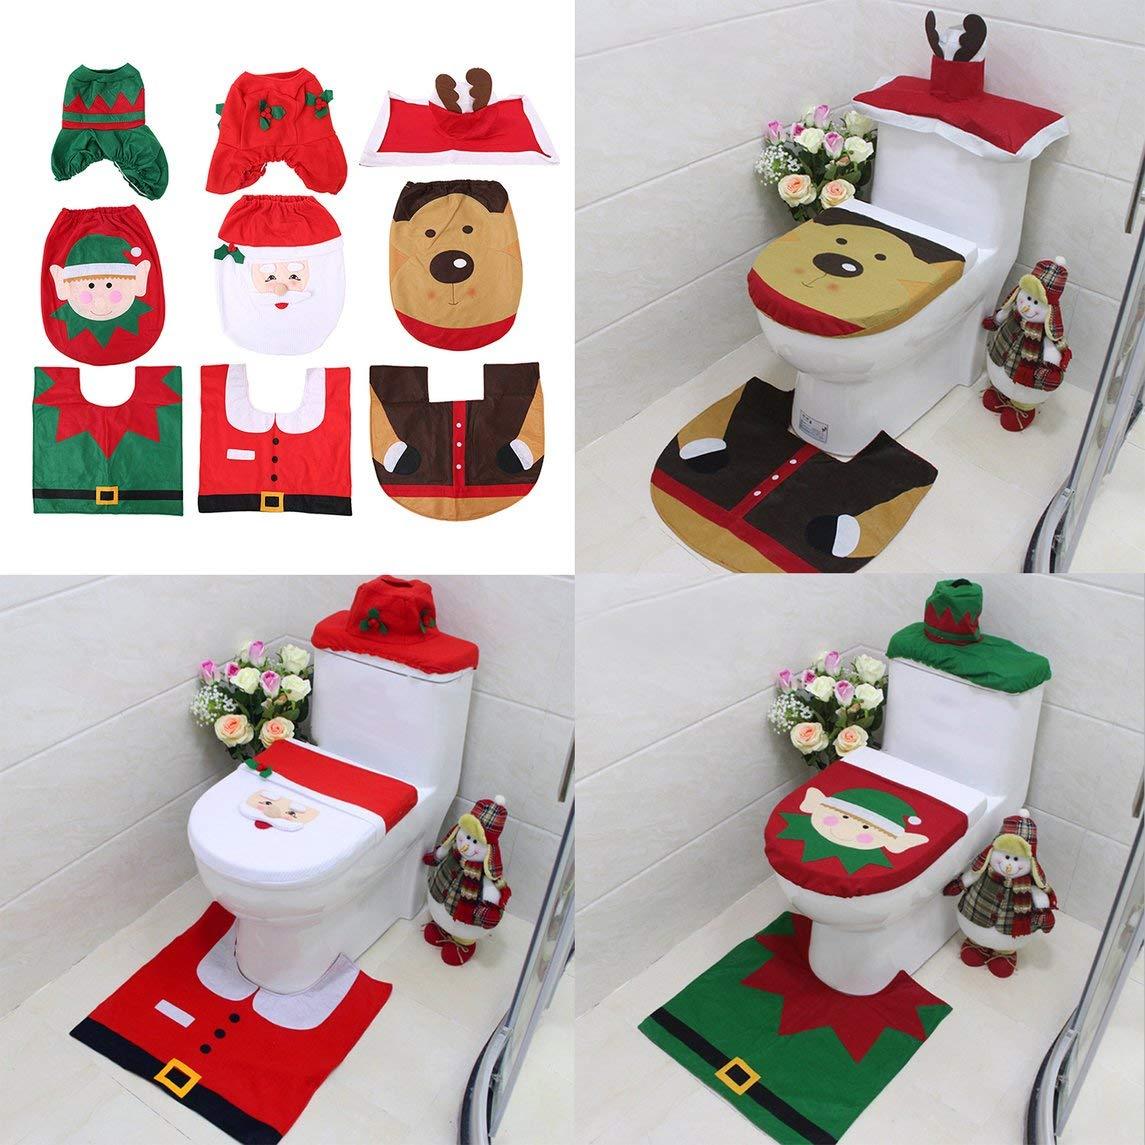 Footprintse 3 pezzi/set decorazioni natalizie per la casa elfo cervo babbo natale coprivaso copri WC coperchio anno nuovo natale ornamenti-colore